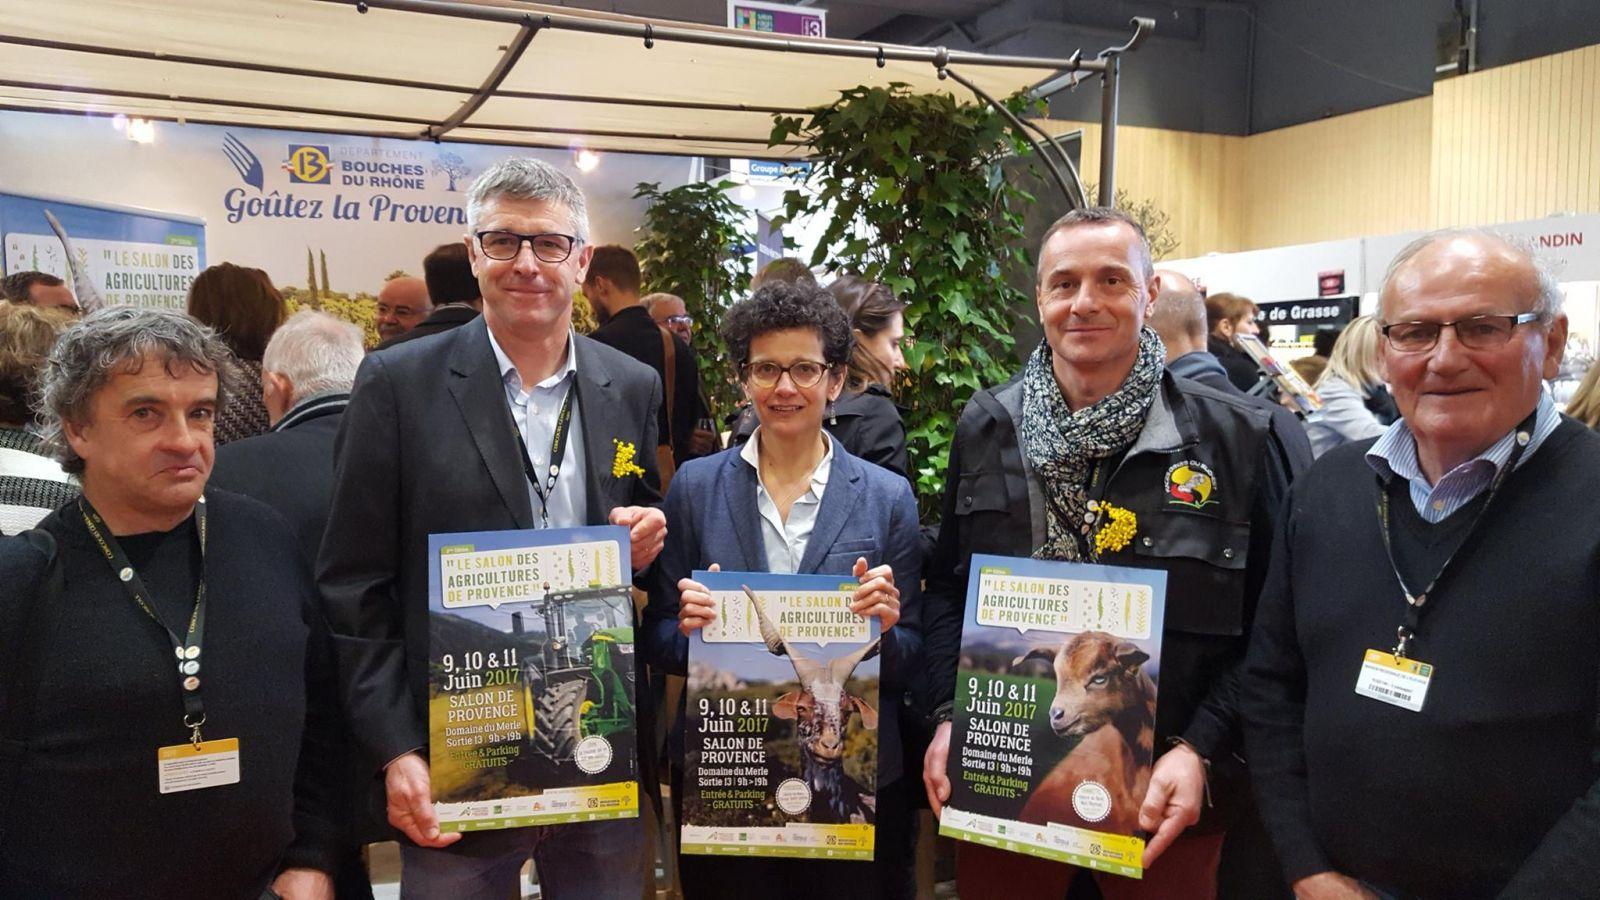 Institut des r gions chaudes for Salon des agricultures de provence 2017